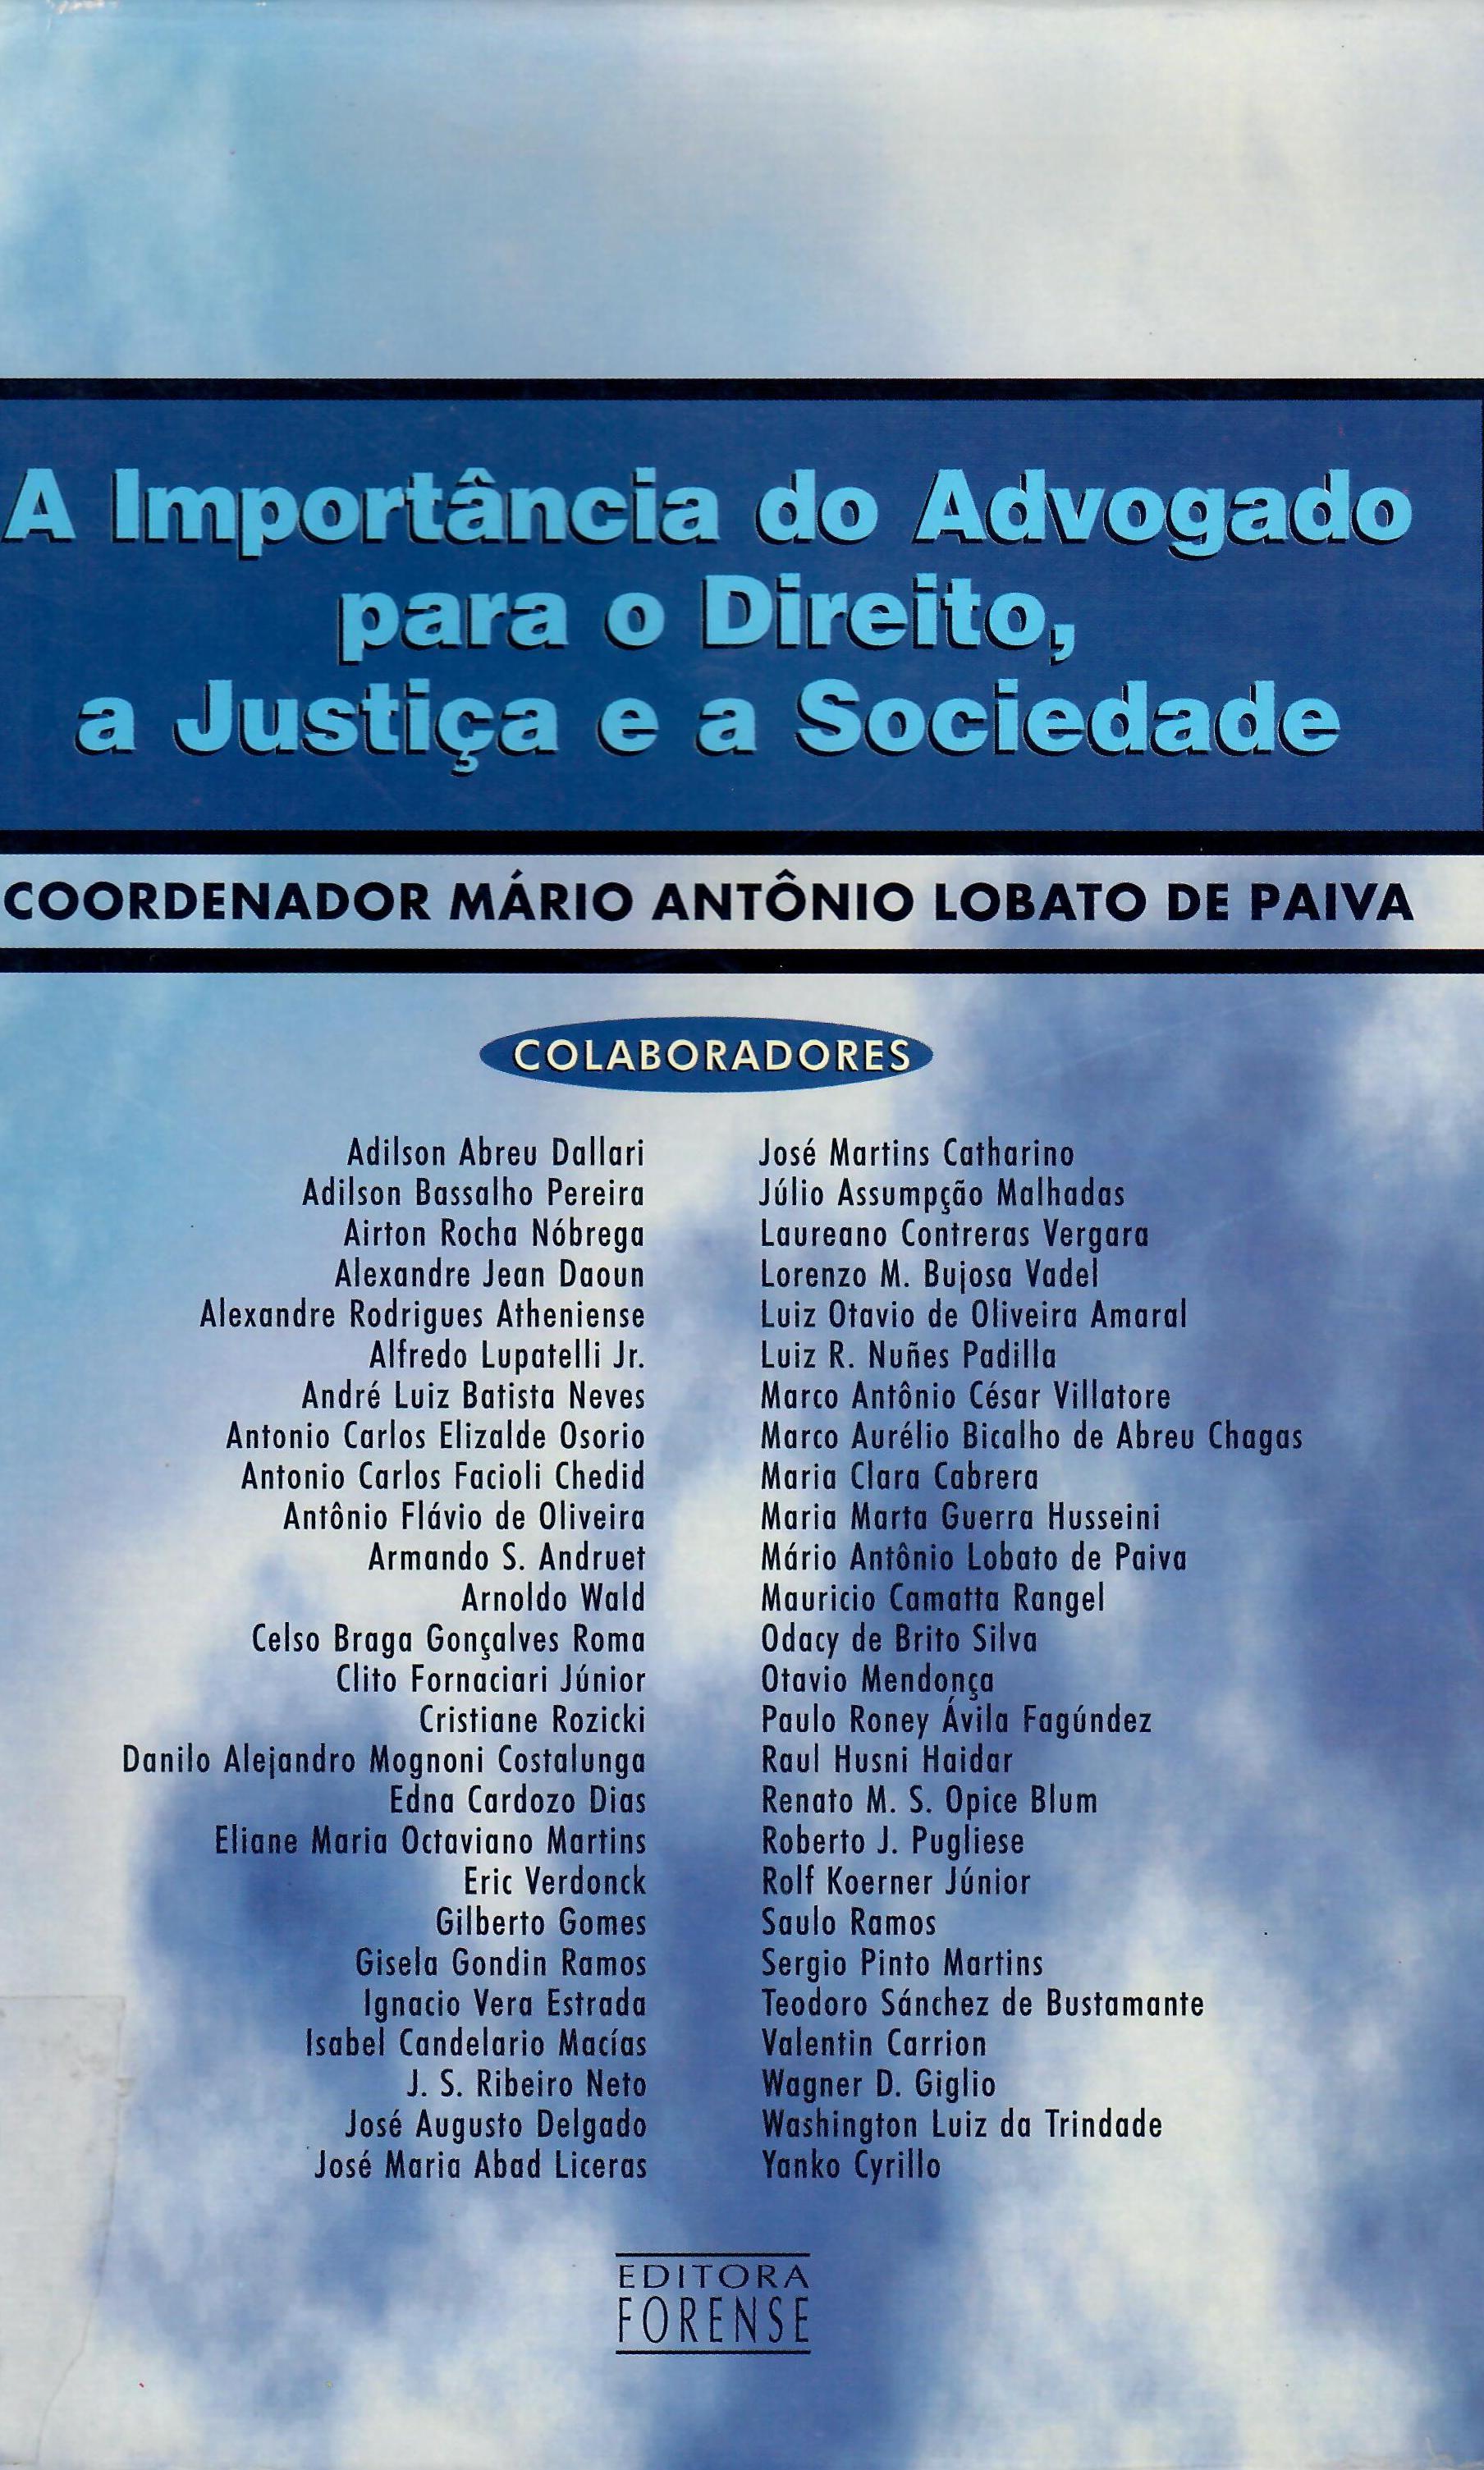 A importancia do advogado,para o Direito, Justiça e Sociedade